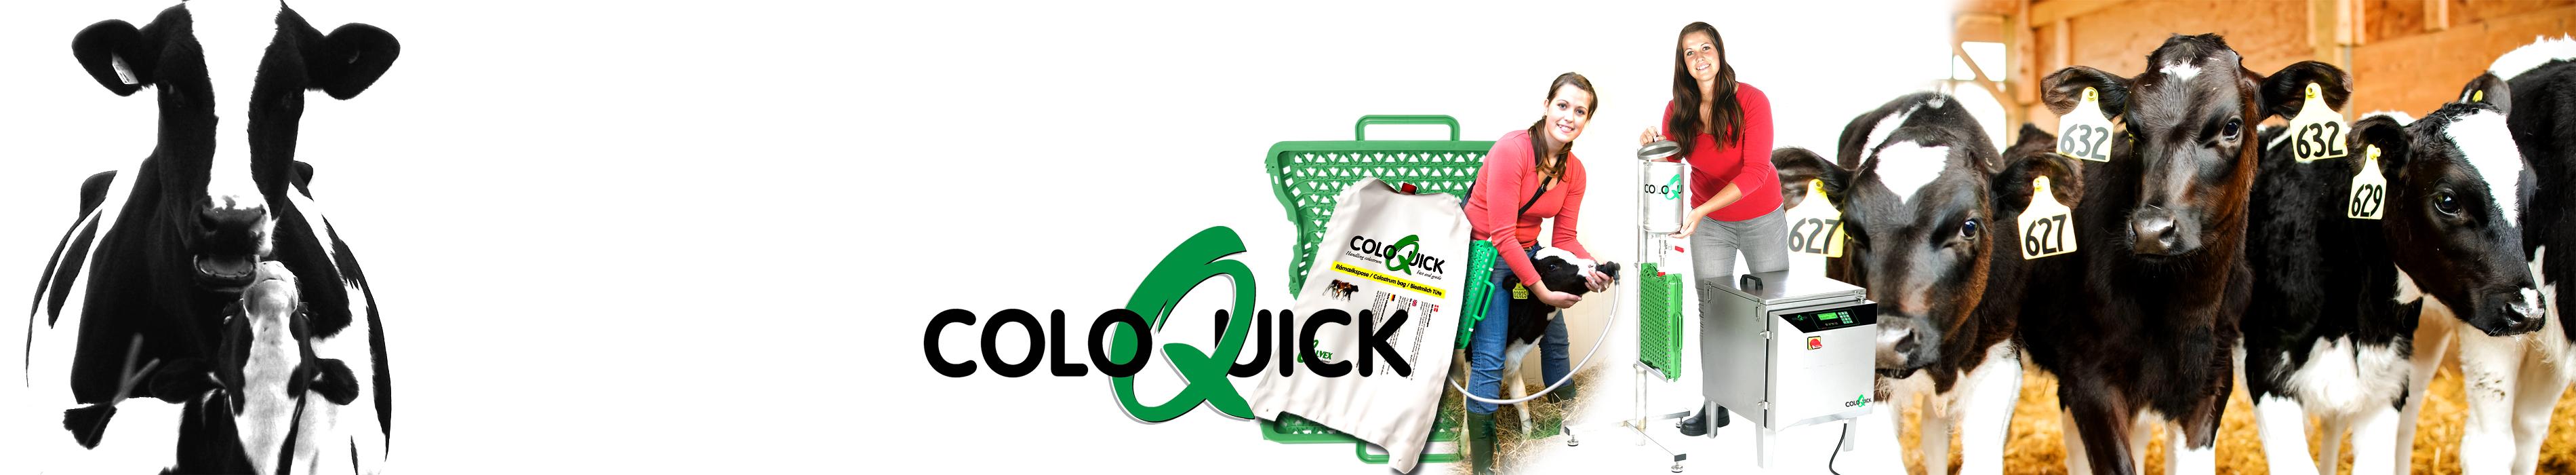 banner-colo-quick